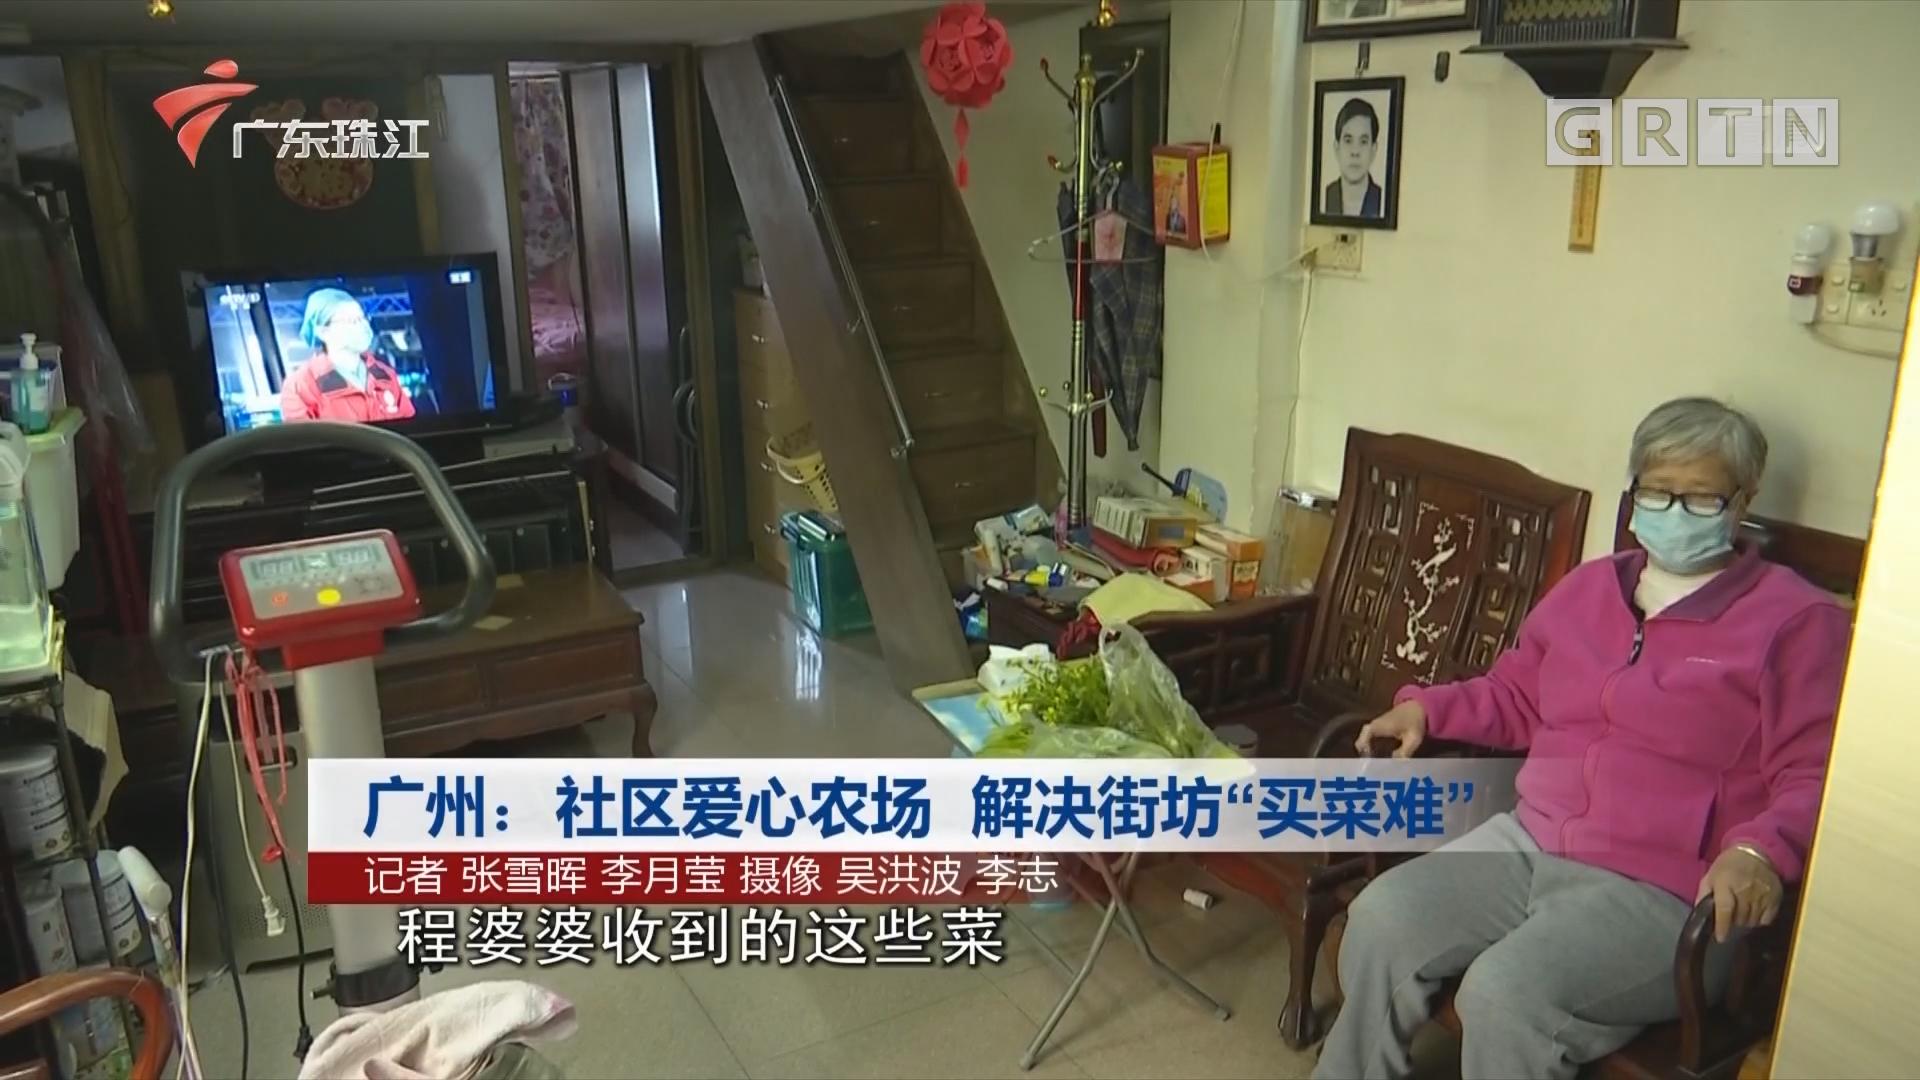 """广州:社区爱心农场 解决街坊""""买菜难"""""""